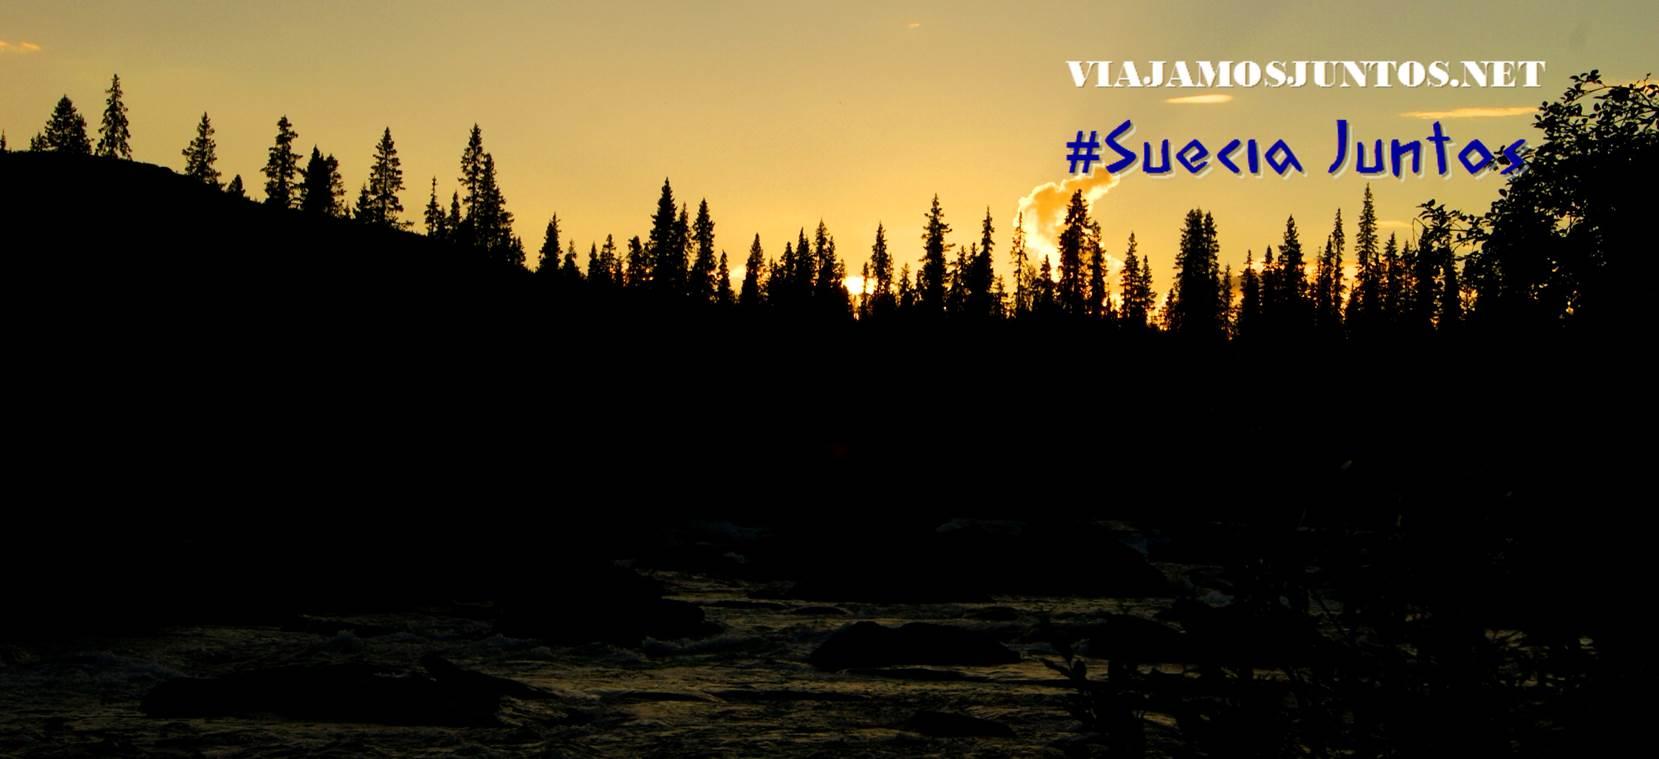 Suecia, naturaleza, viajar por libre, vistas, paisajes, Laponia Sueca, inspiración, información práctica, tips, consejos, viajar por libre, alojamiento, diario, viajar en coche, Kvikkjokk, sami